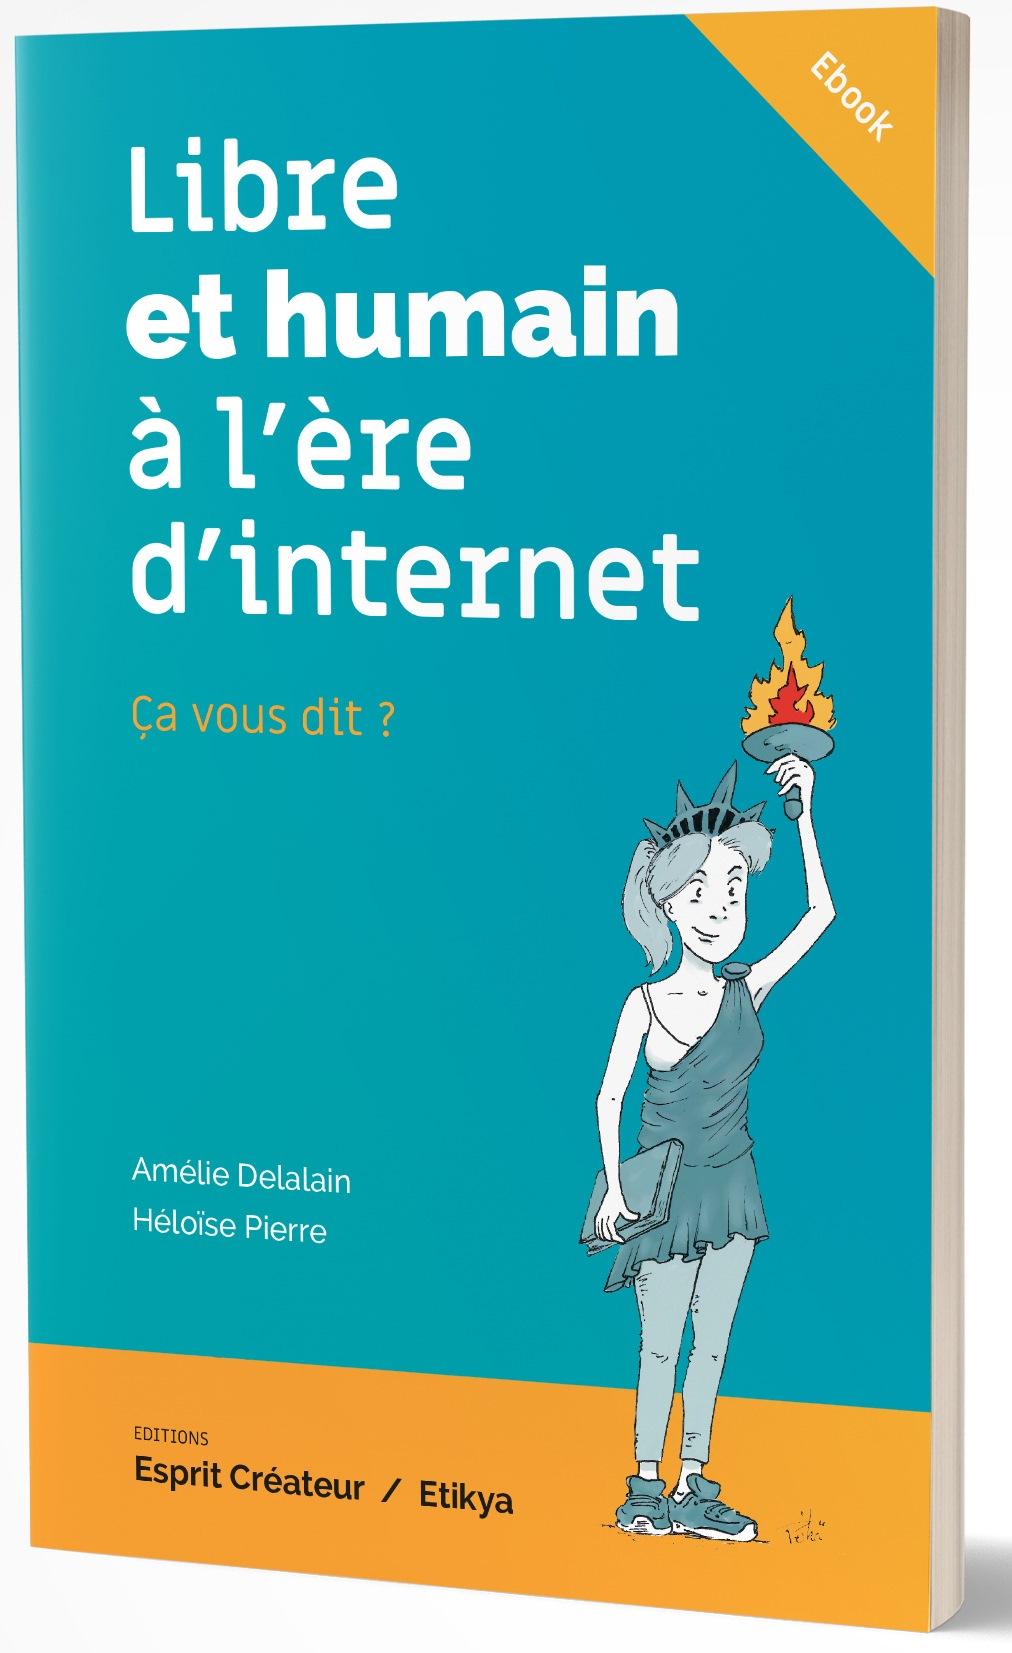 ebook libre et humain à l'ère d'internet d'Héloïse Pierre et Amélie Delalain